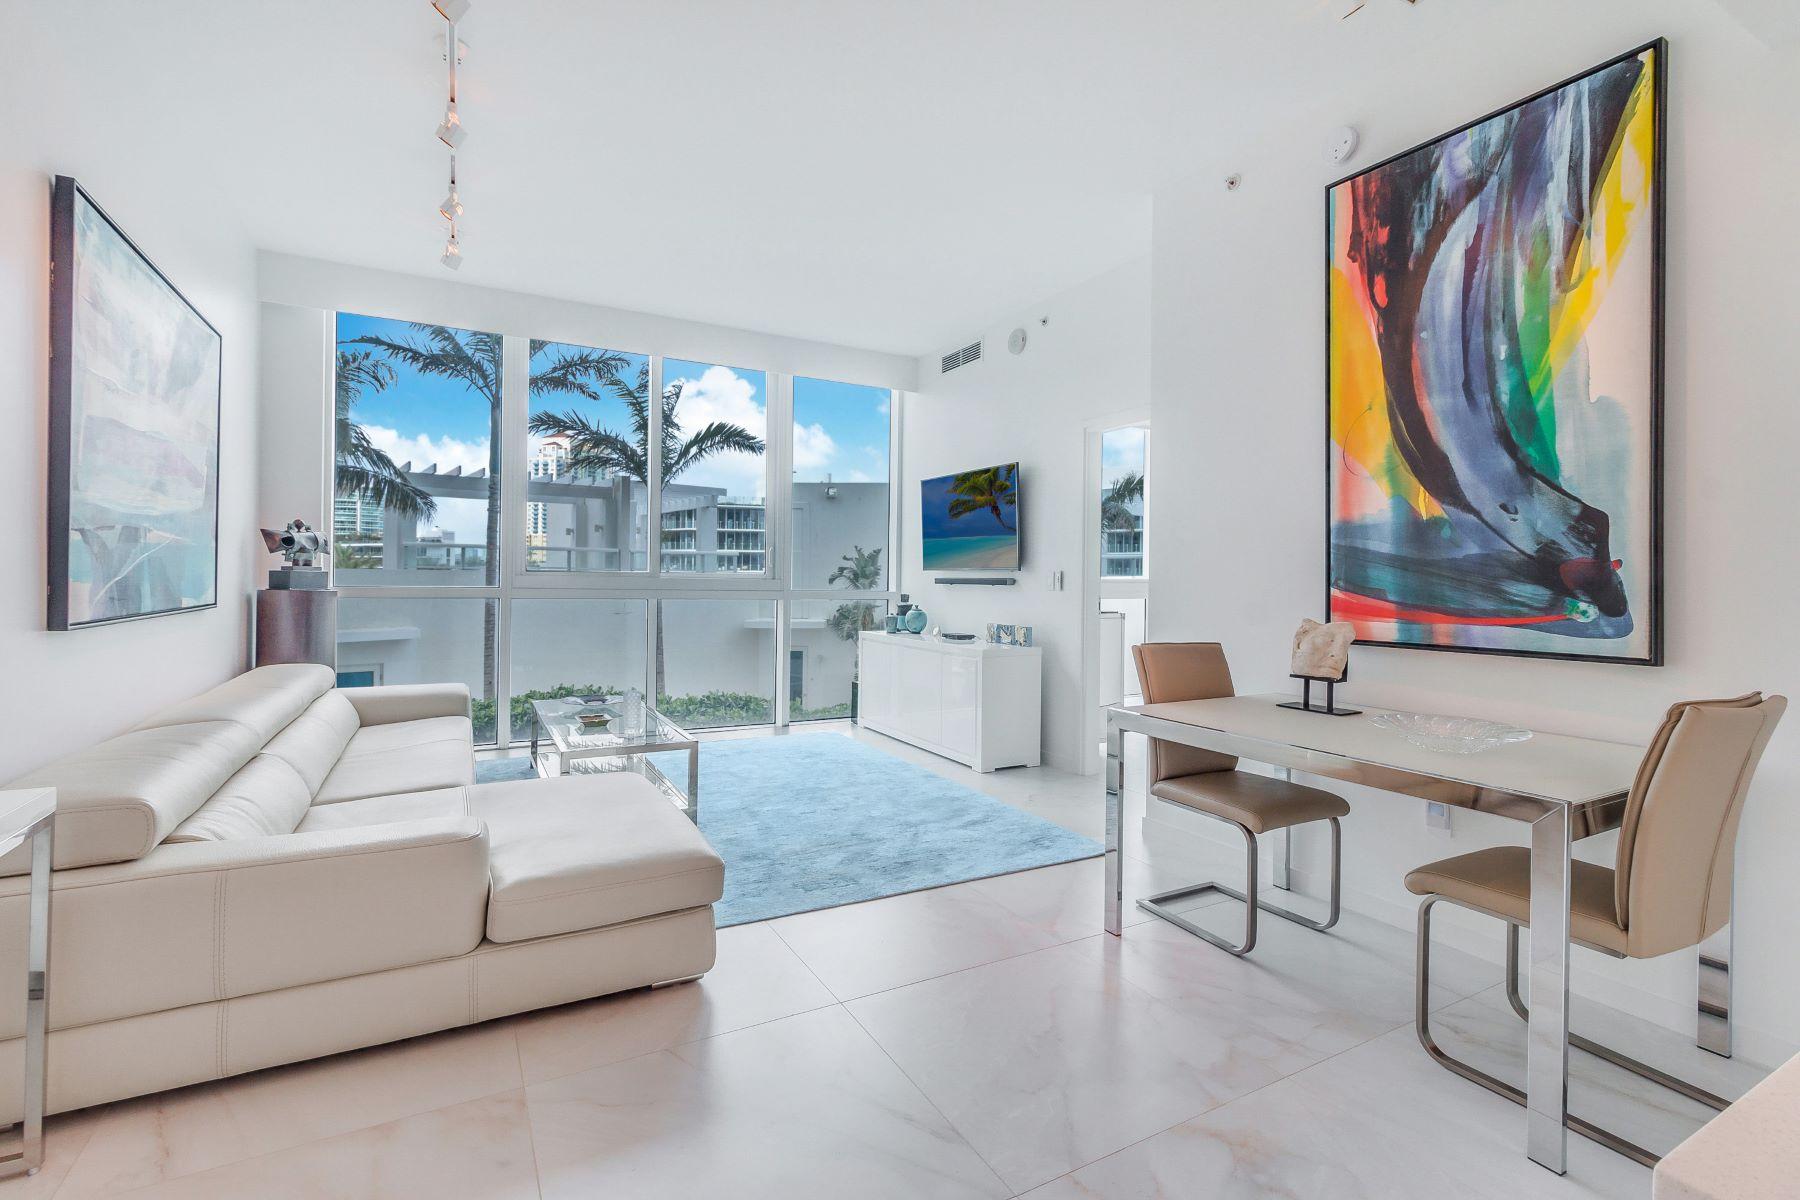 共管式独立产权公寓 为 销售 在 50 S Pointe Dr 50 S Pointe Dr 612, 迈阿密海滩, 佛罗里达州, 33139 美国